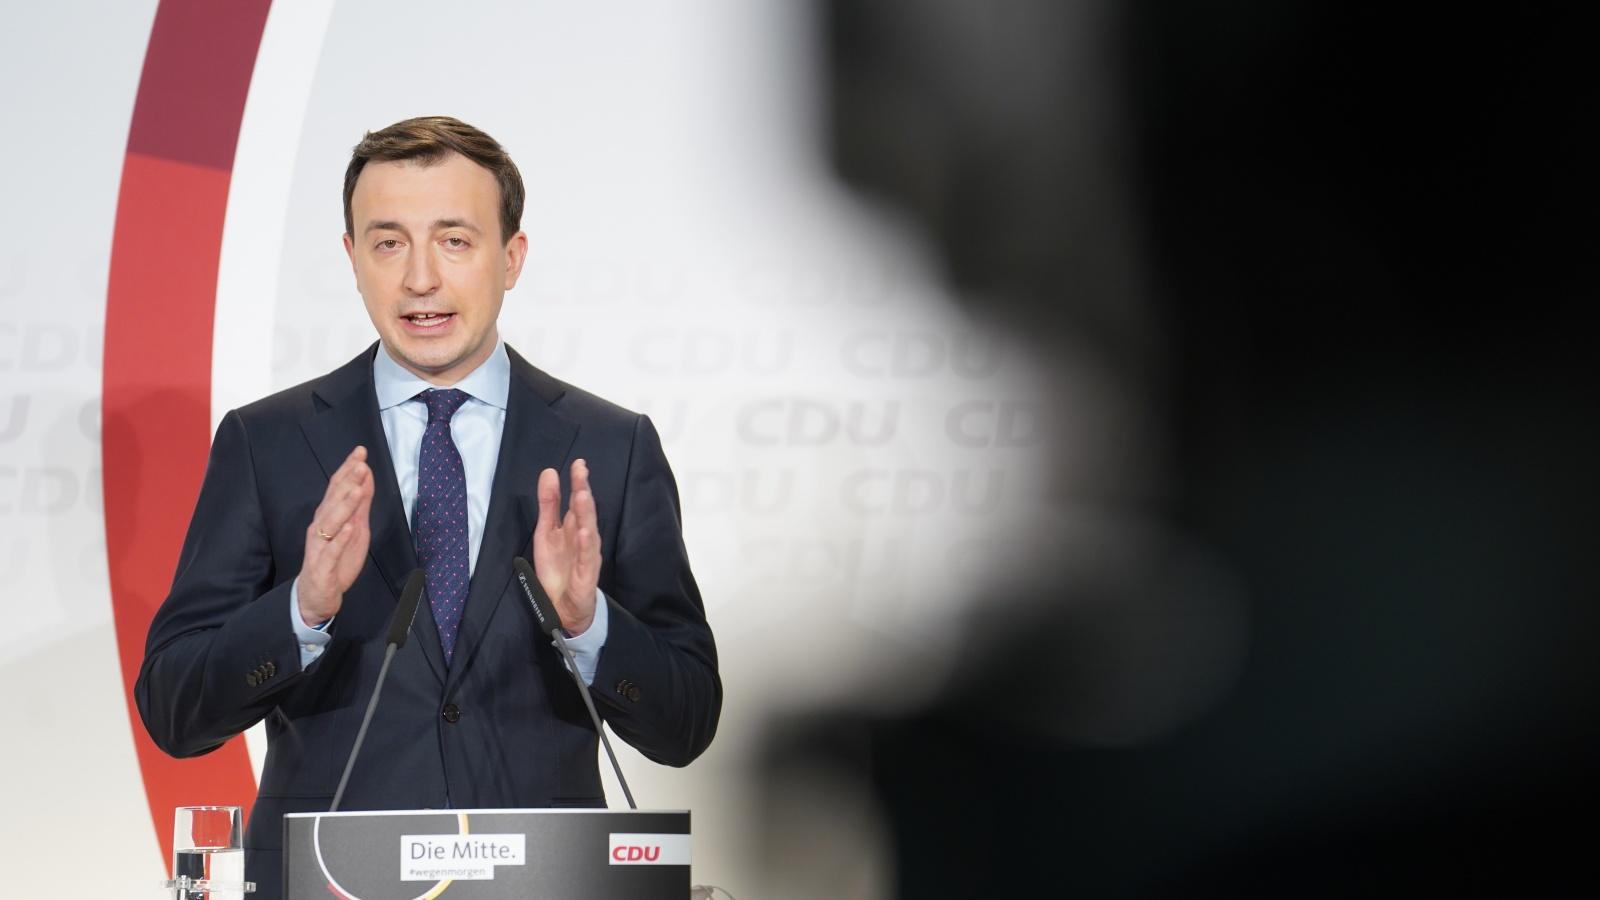 """""""So wichtig ein Parteitag auch ist, noch wichtiger ist die aktuelle Corona-Lage für die Menschen im Land"""" sagte Paul Ziemiak zum Auftakt der Pressekonferenz"""